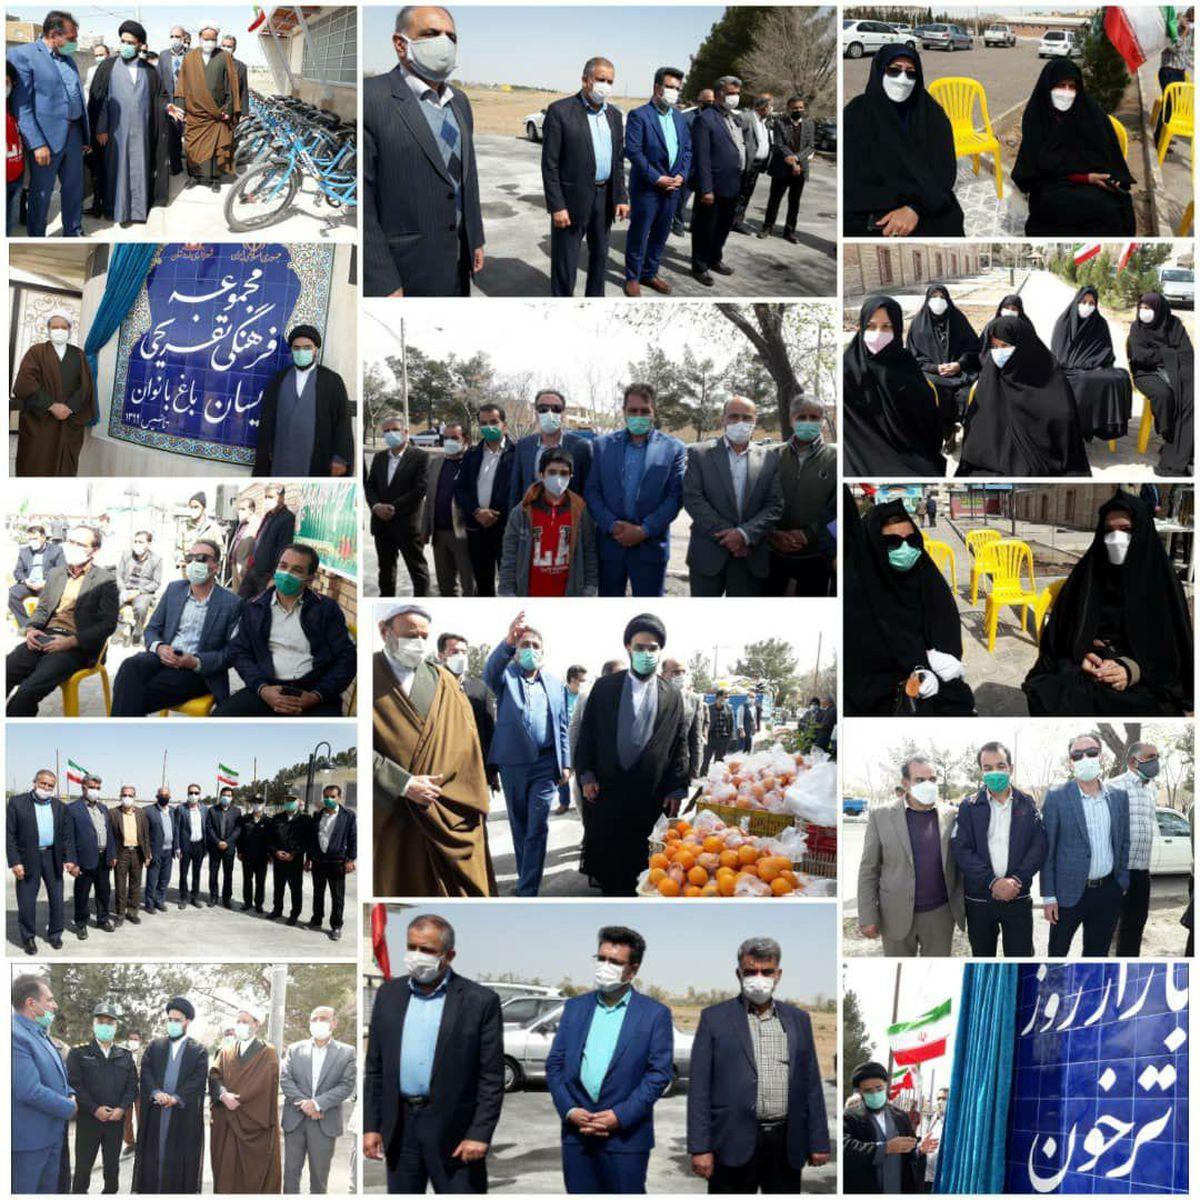 افتتاح 2 طرح، بازارچه ترخون و پارک بانوان پردیسان در اردستان